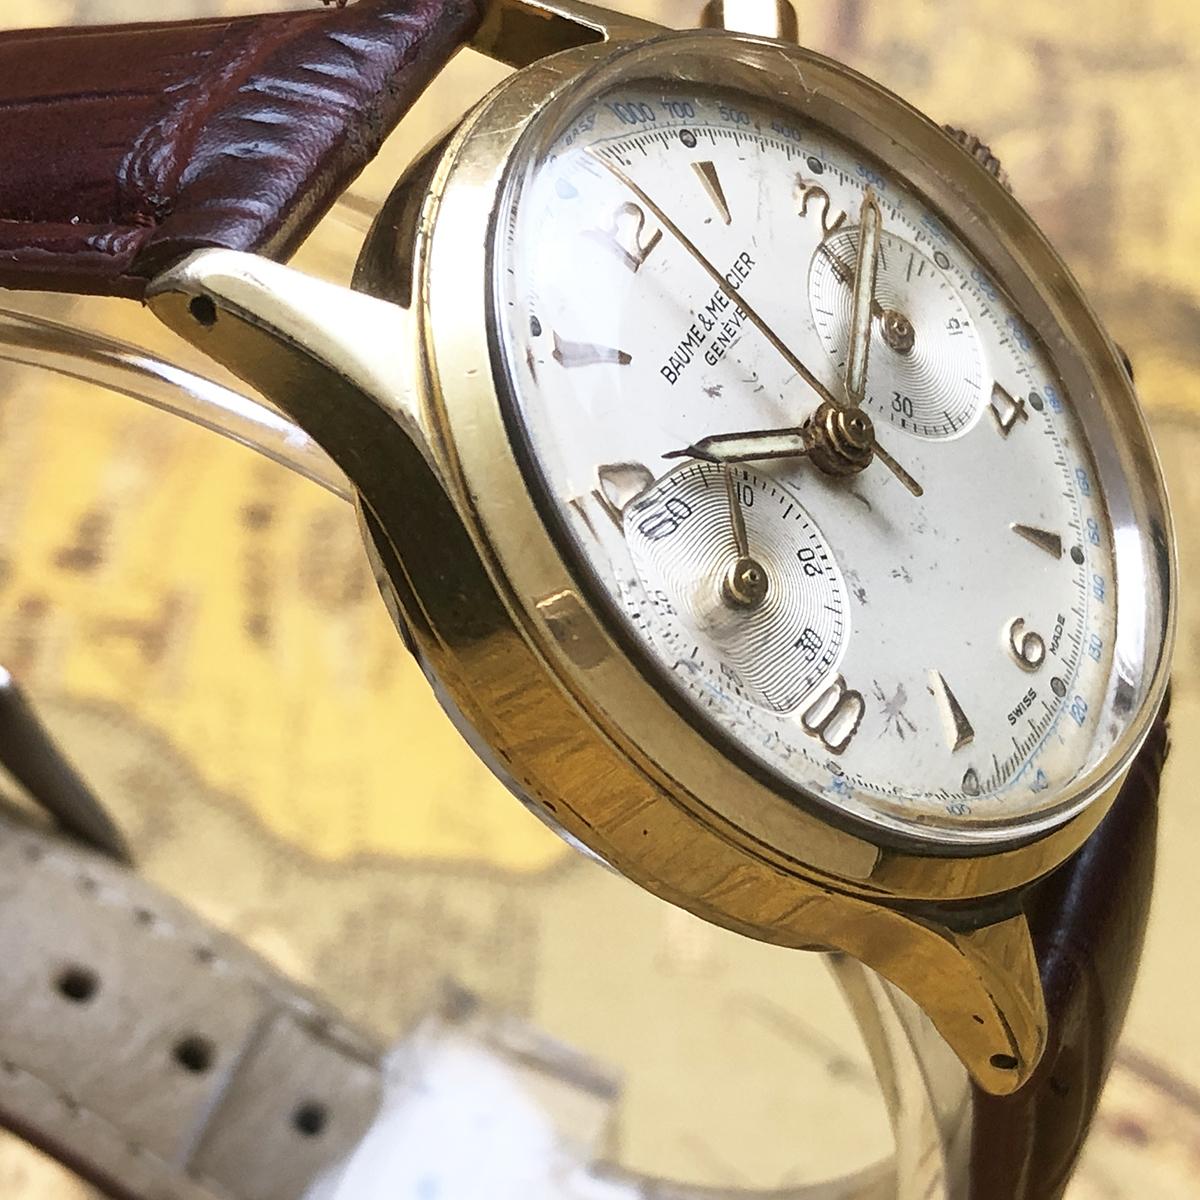 ★希少!! ボーム&メルシエ BAUME&MERCIER 1960s アンティーク Landeron149 メンズ 腕時計 クロノグラフ 手巻 白文字盤 ビンテージ 高級_画像6